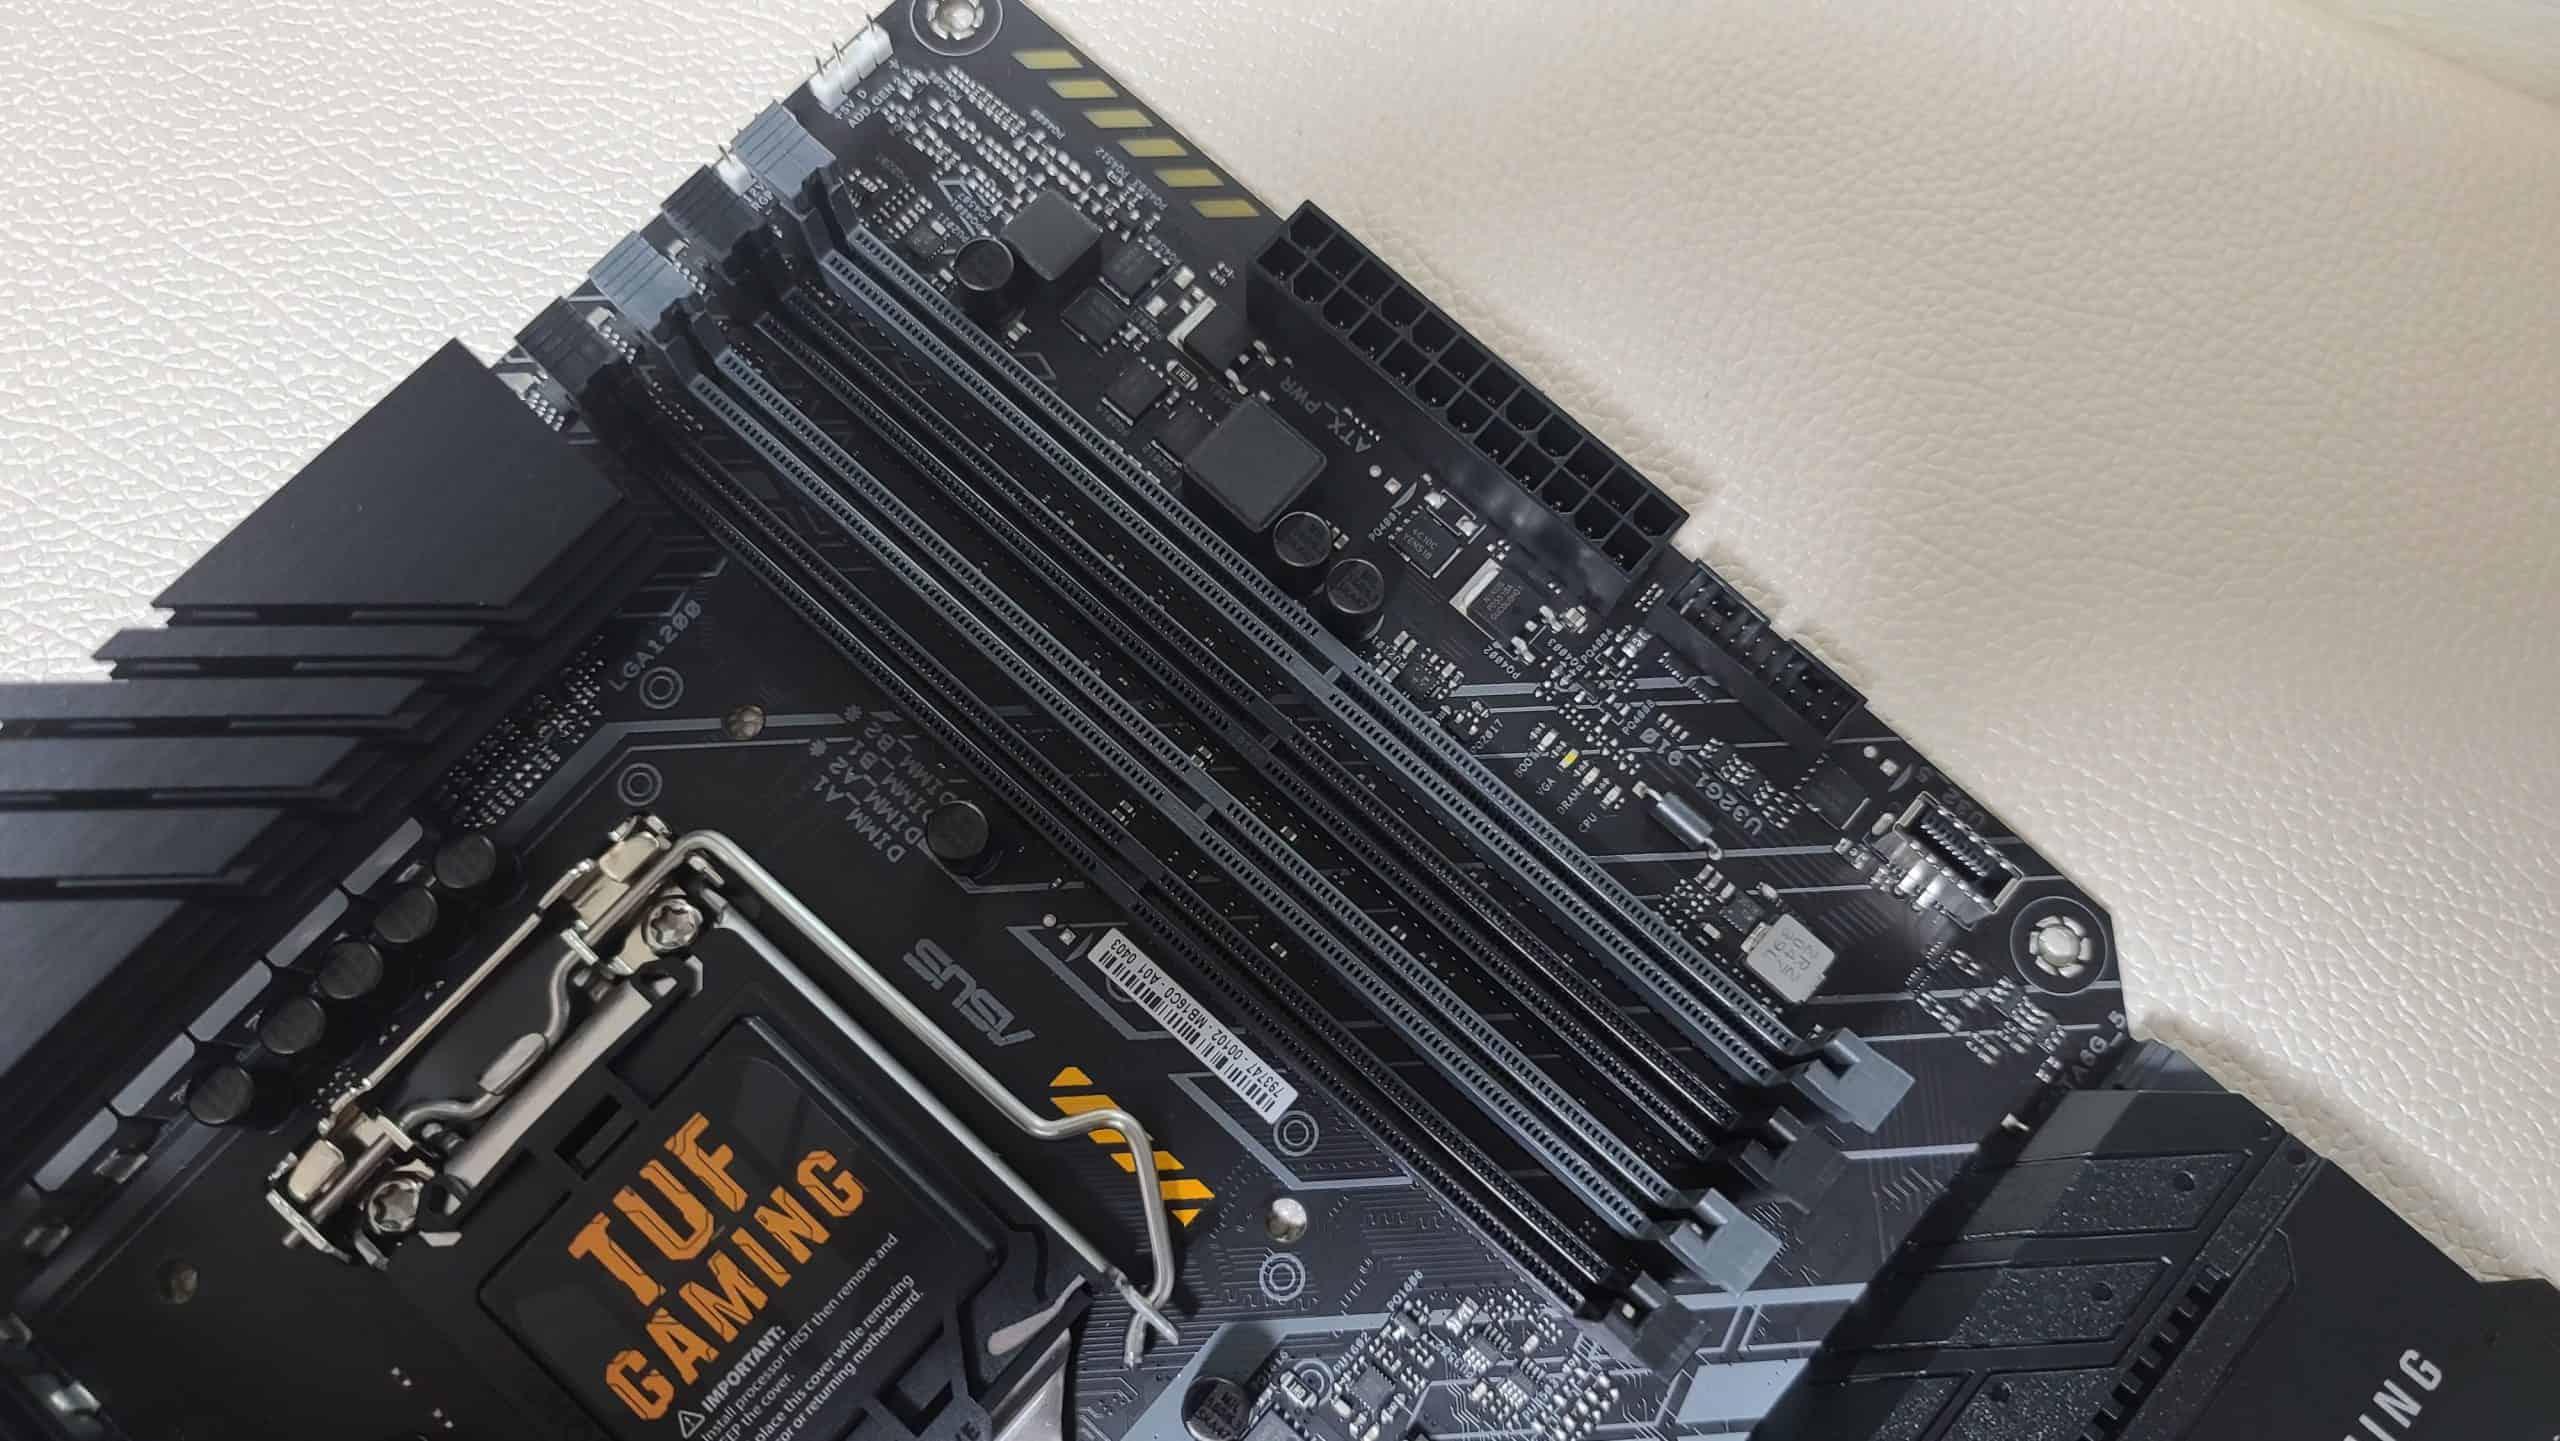 메모리 슬롯은 4개로 총 128GB까지 확장이 가능하다. 오버클럭은 최대 DDR4 5,133MHz까지 지원한다